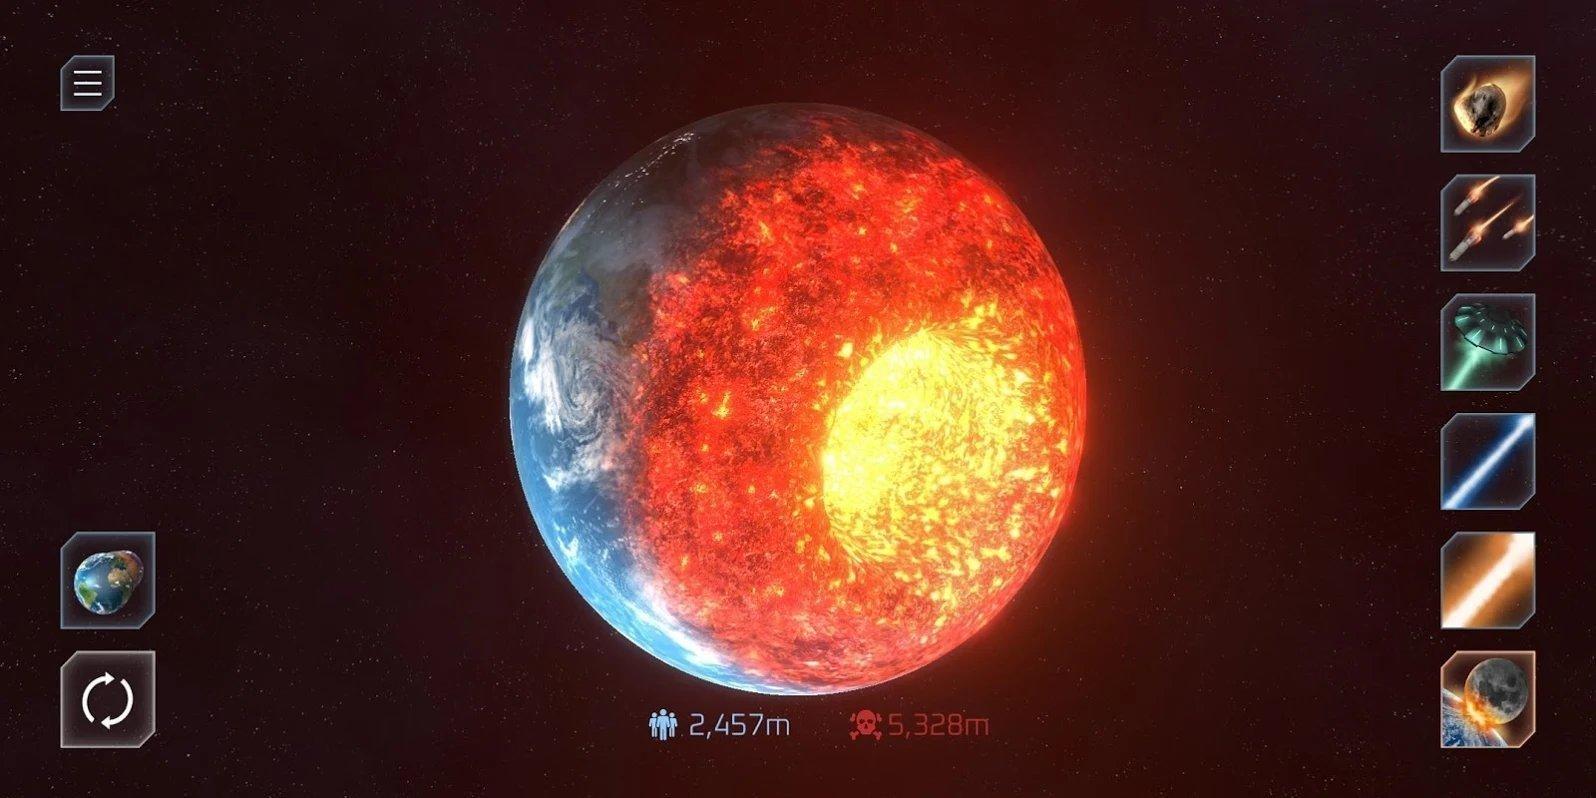 星球毁灭模拟器最新版